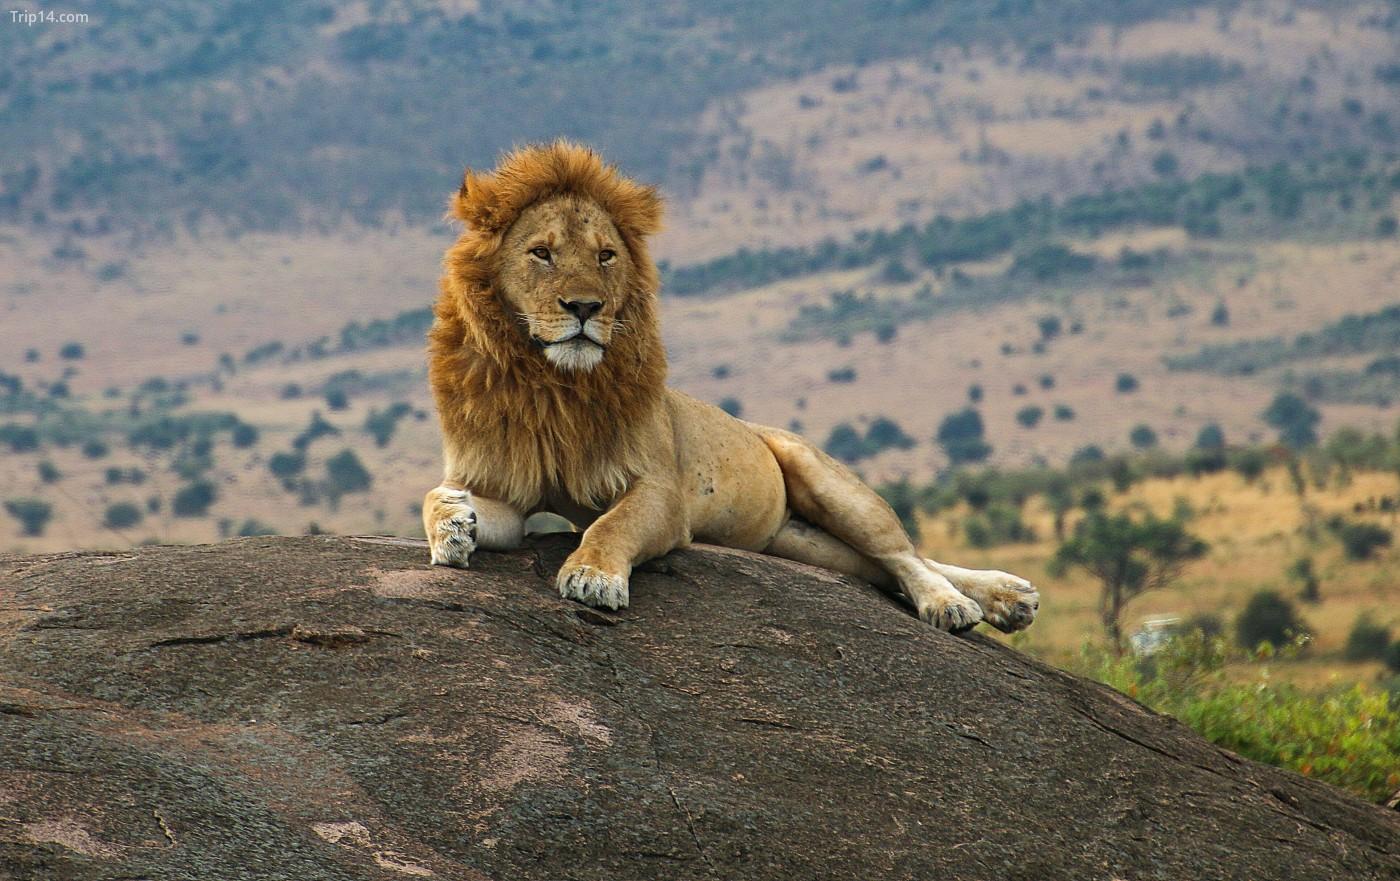 Xem Big Five trong môi trường sống tự nhiên của chúng tại Khu bảo tồn Ngorongoro ở Tanzania | © Du lịch Châu Phi / Alamy Kho ảnh